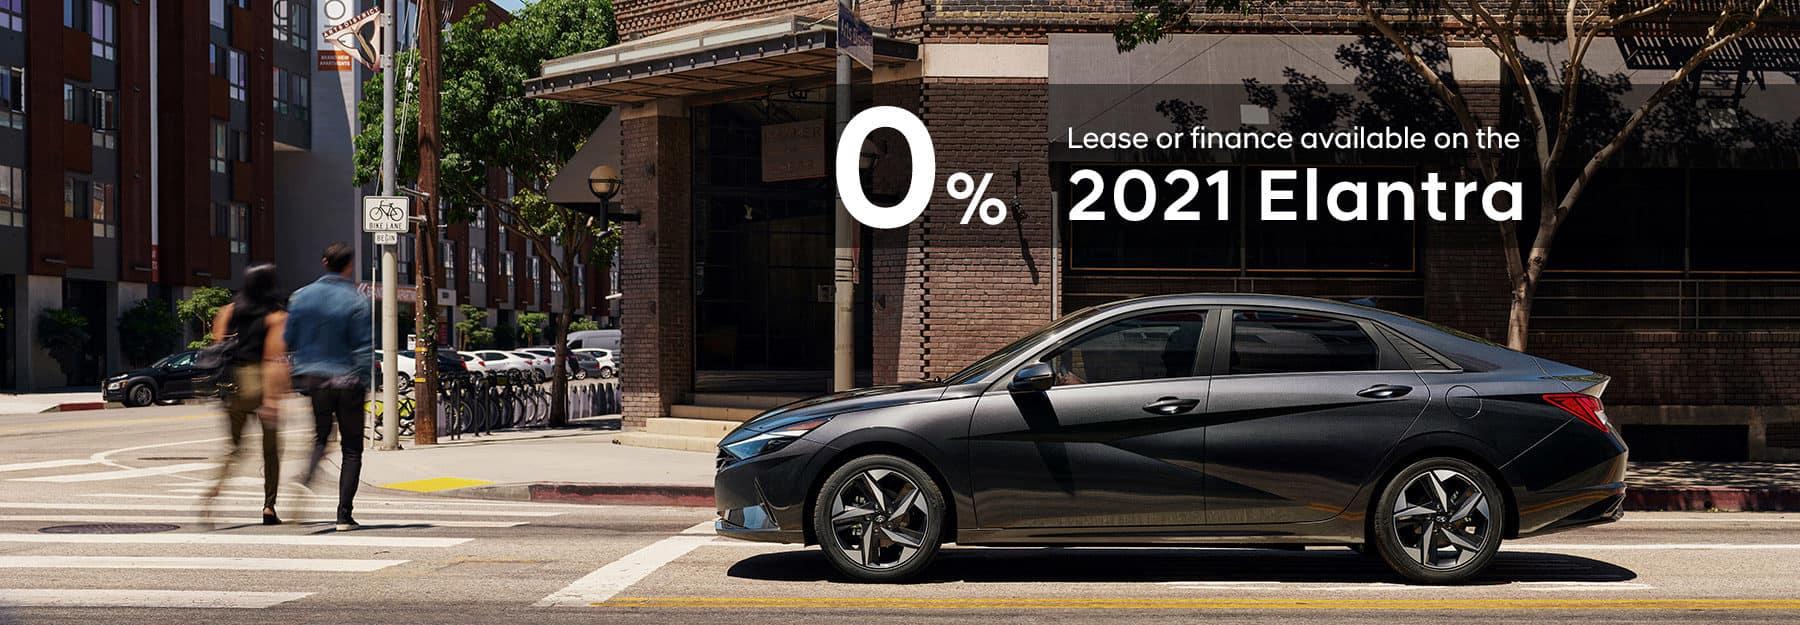 0% Lease or Finance on 2021 Elantra models